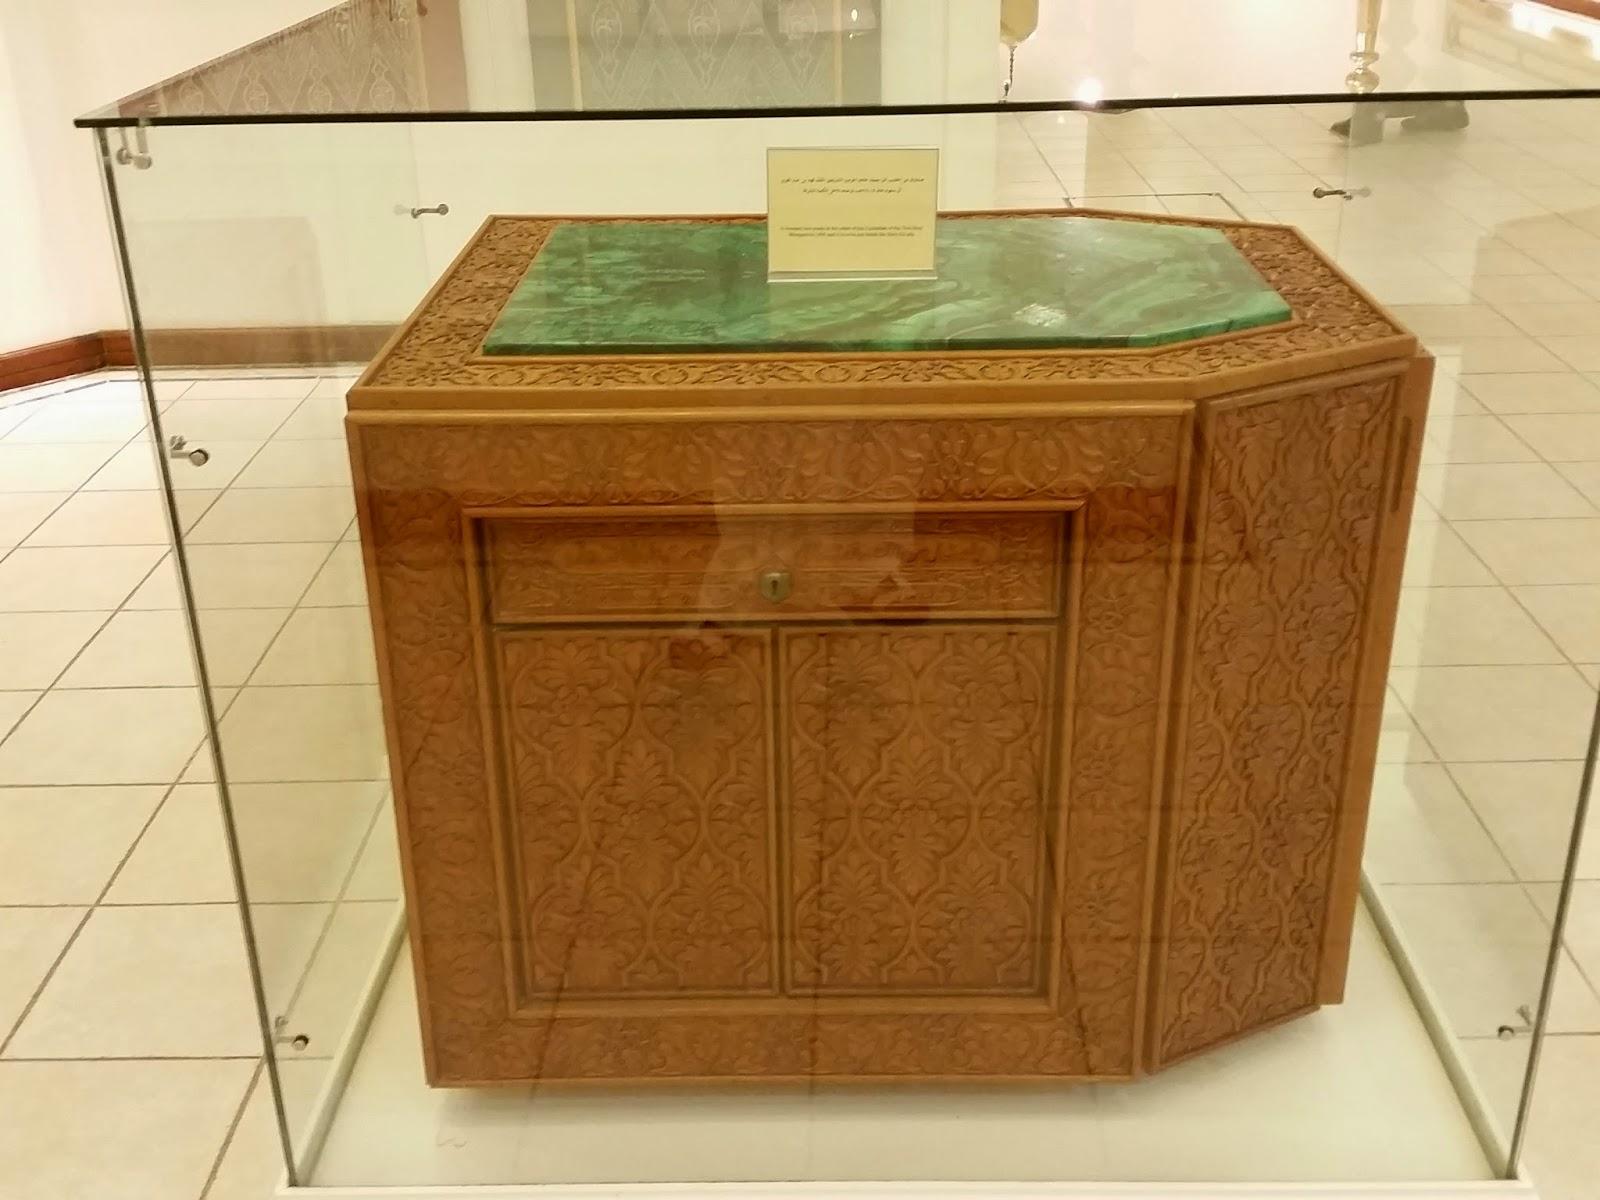 ����� ���� ������ �������.. ���� صورة الصندوق الخشبي الذي أمر به الملك فهد بن عبدالعزيز للكعبة المشرفة .jpg